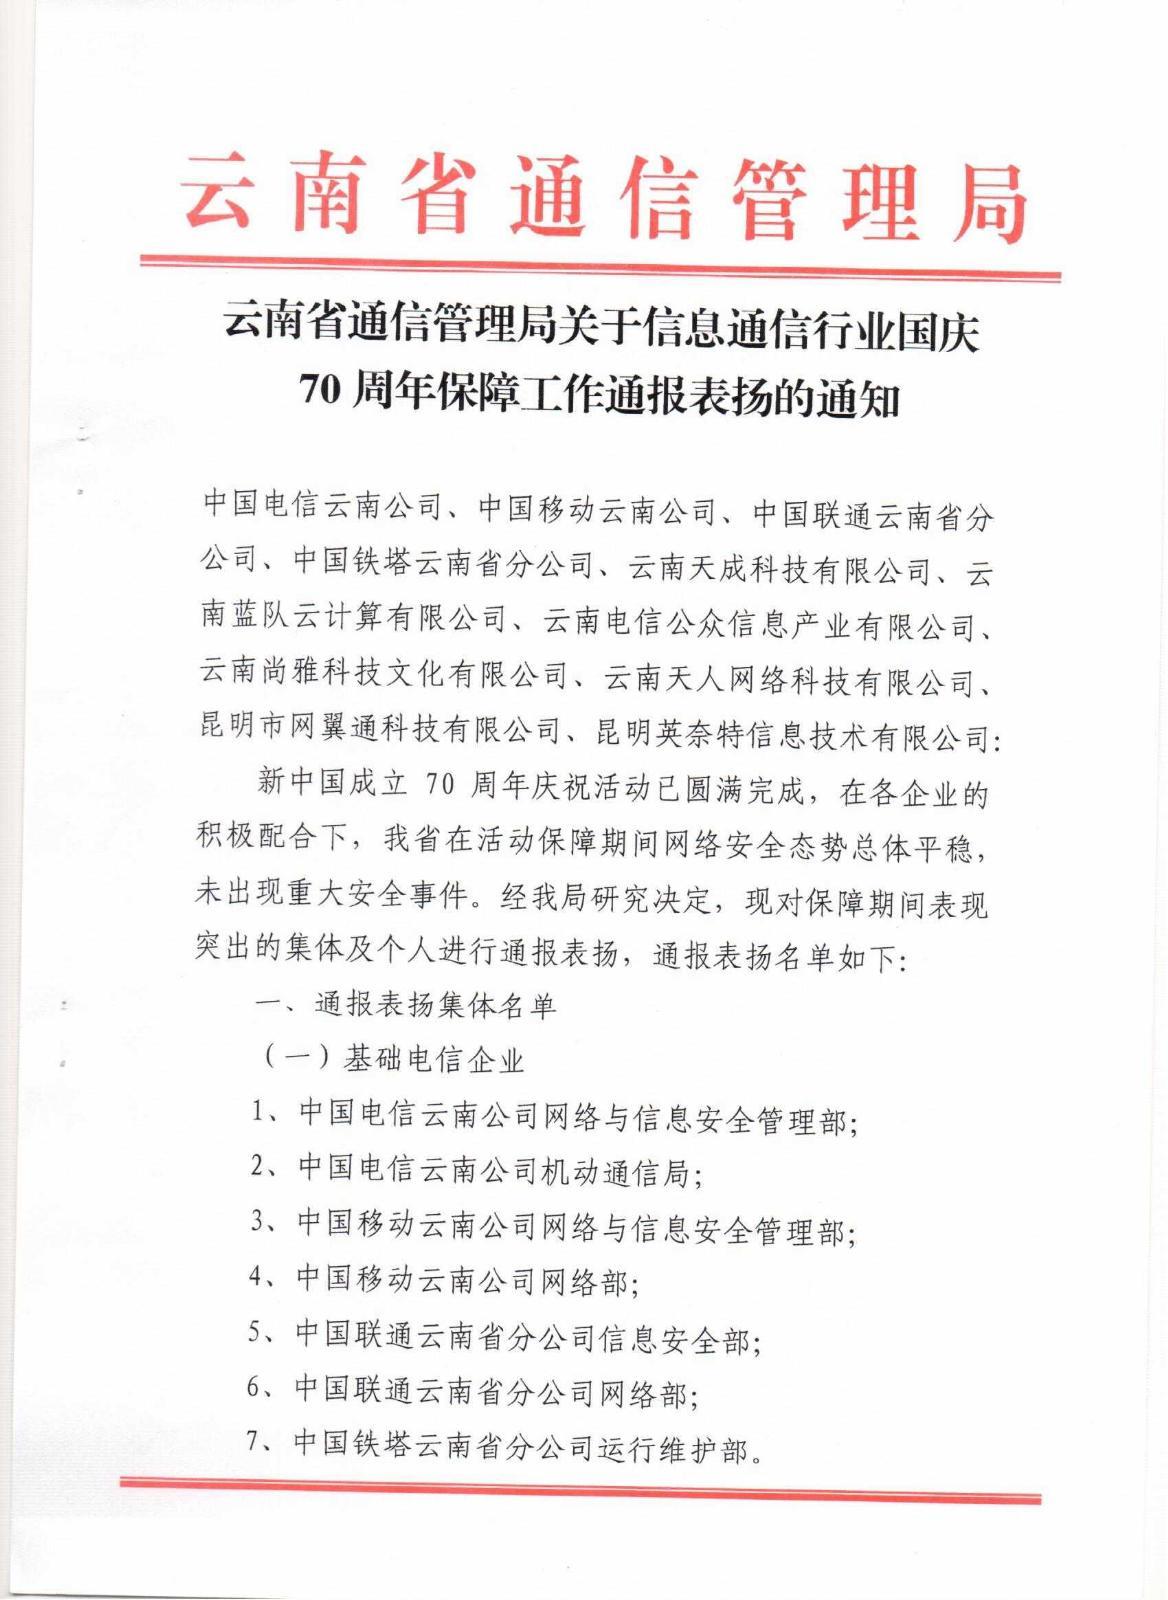 云南省通信管理局信息行业国庆70周年保障工作通报表扬通知0001.jpg